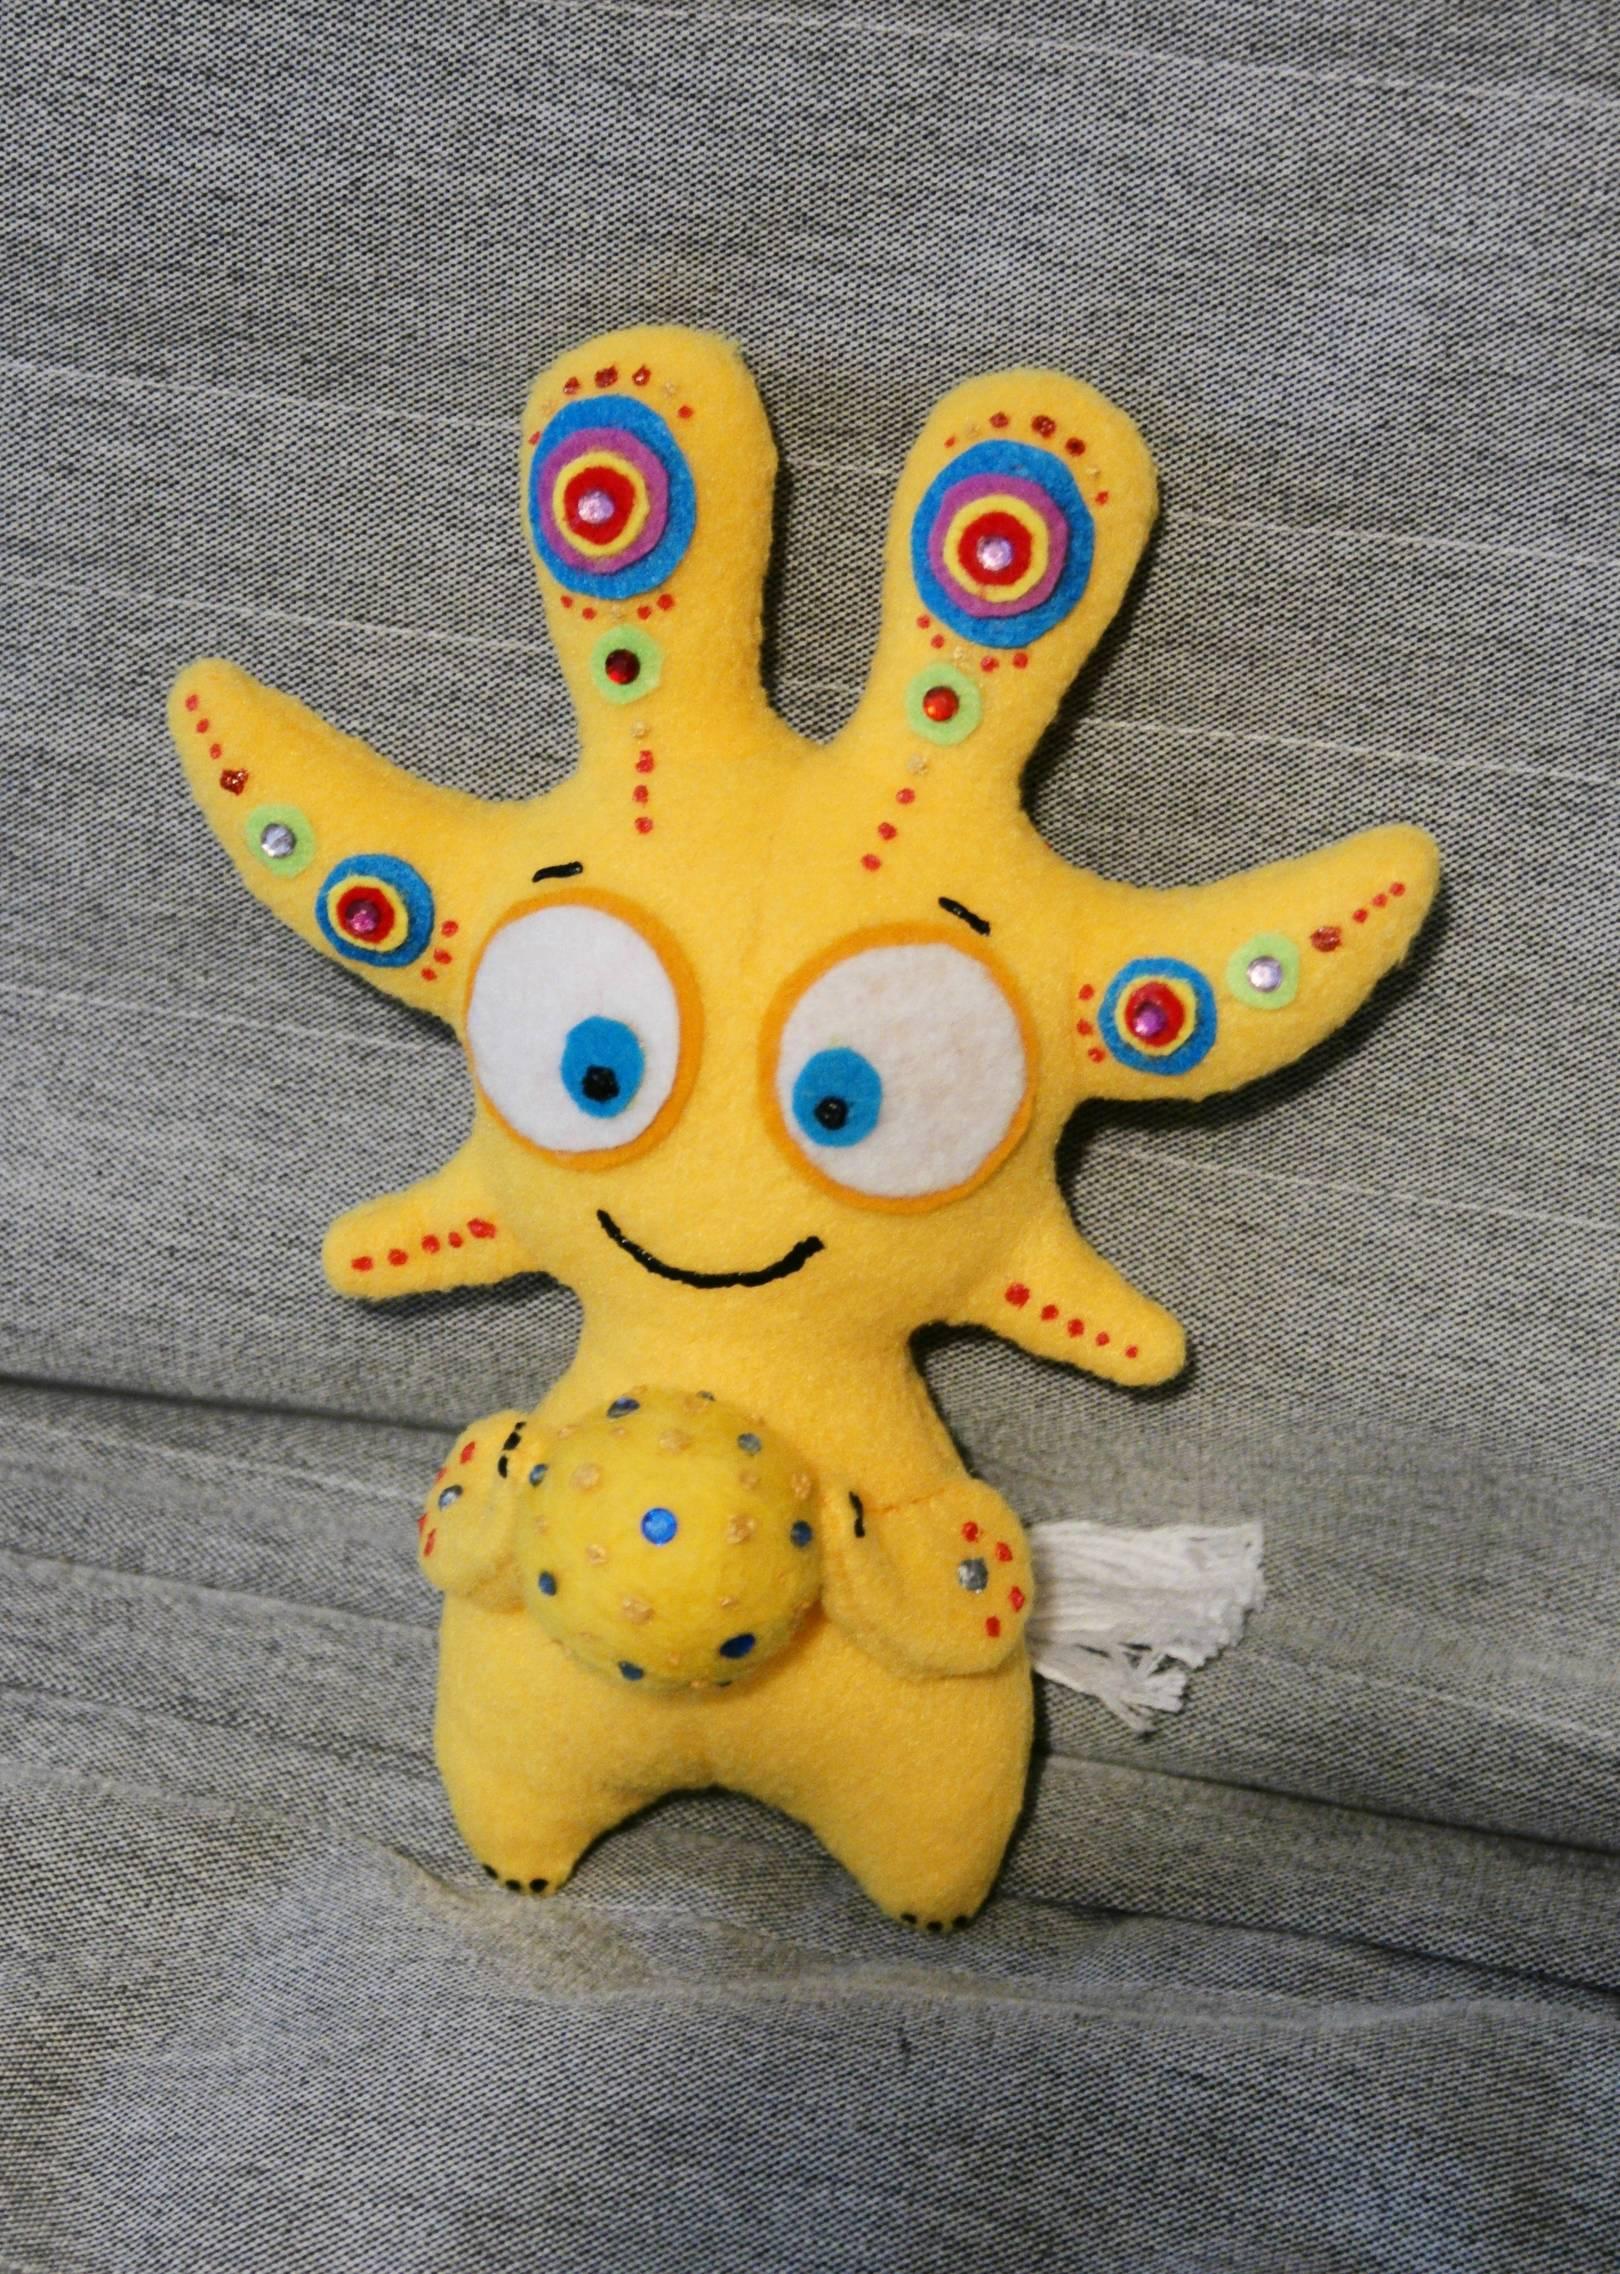 """Авторская игрушка """"Солаура"""" ручной работы, Author toy """"Solaura"""" handmade"""